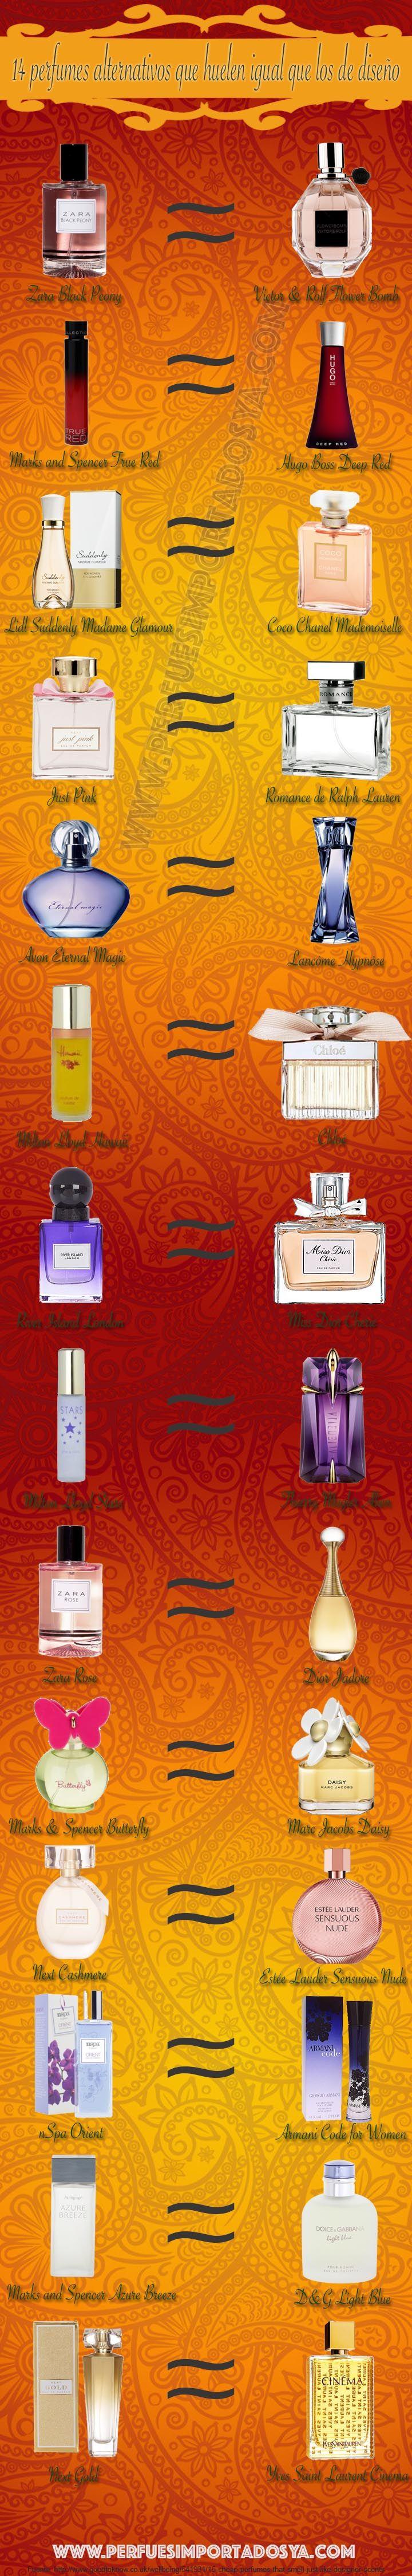 Cuales son los mejores perfumes de imitacion